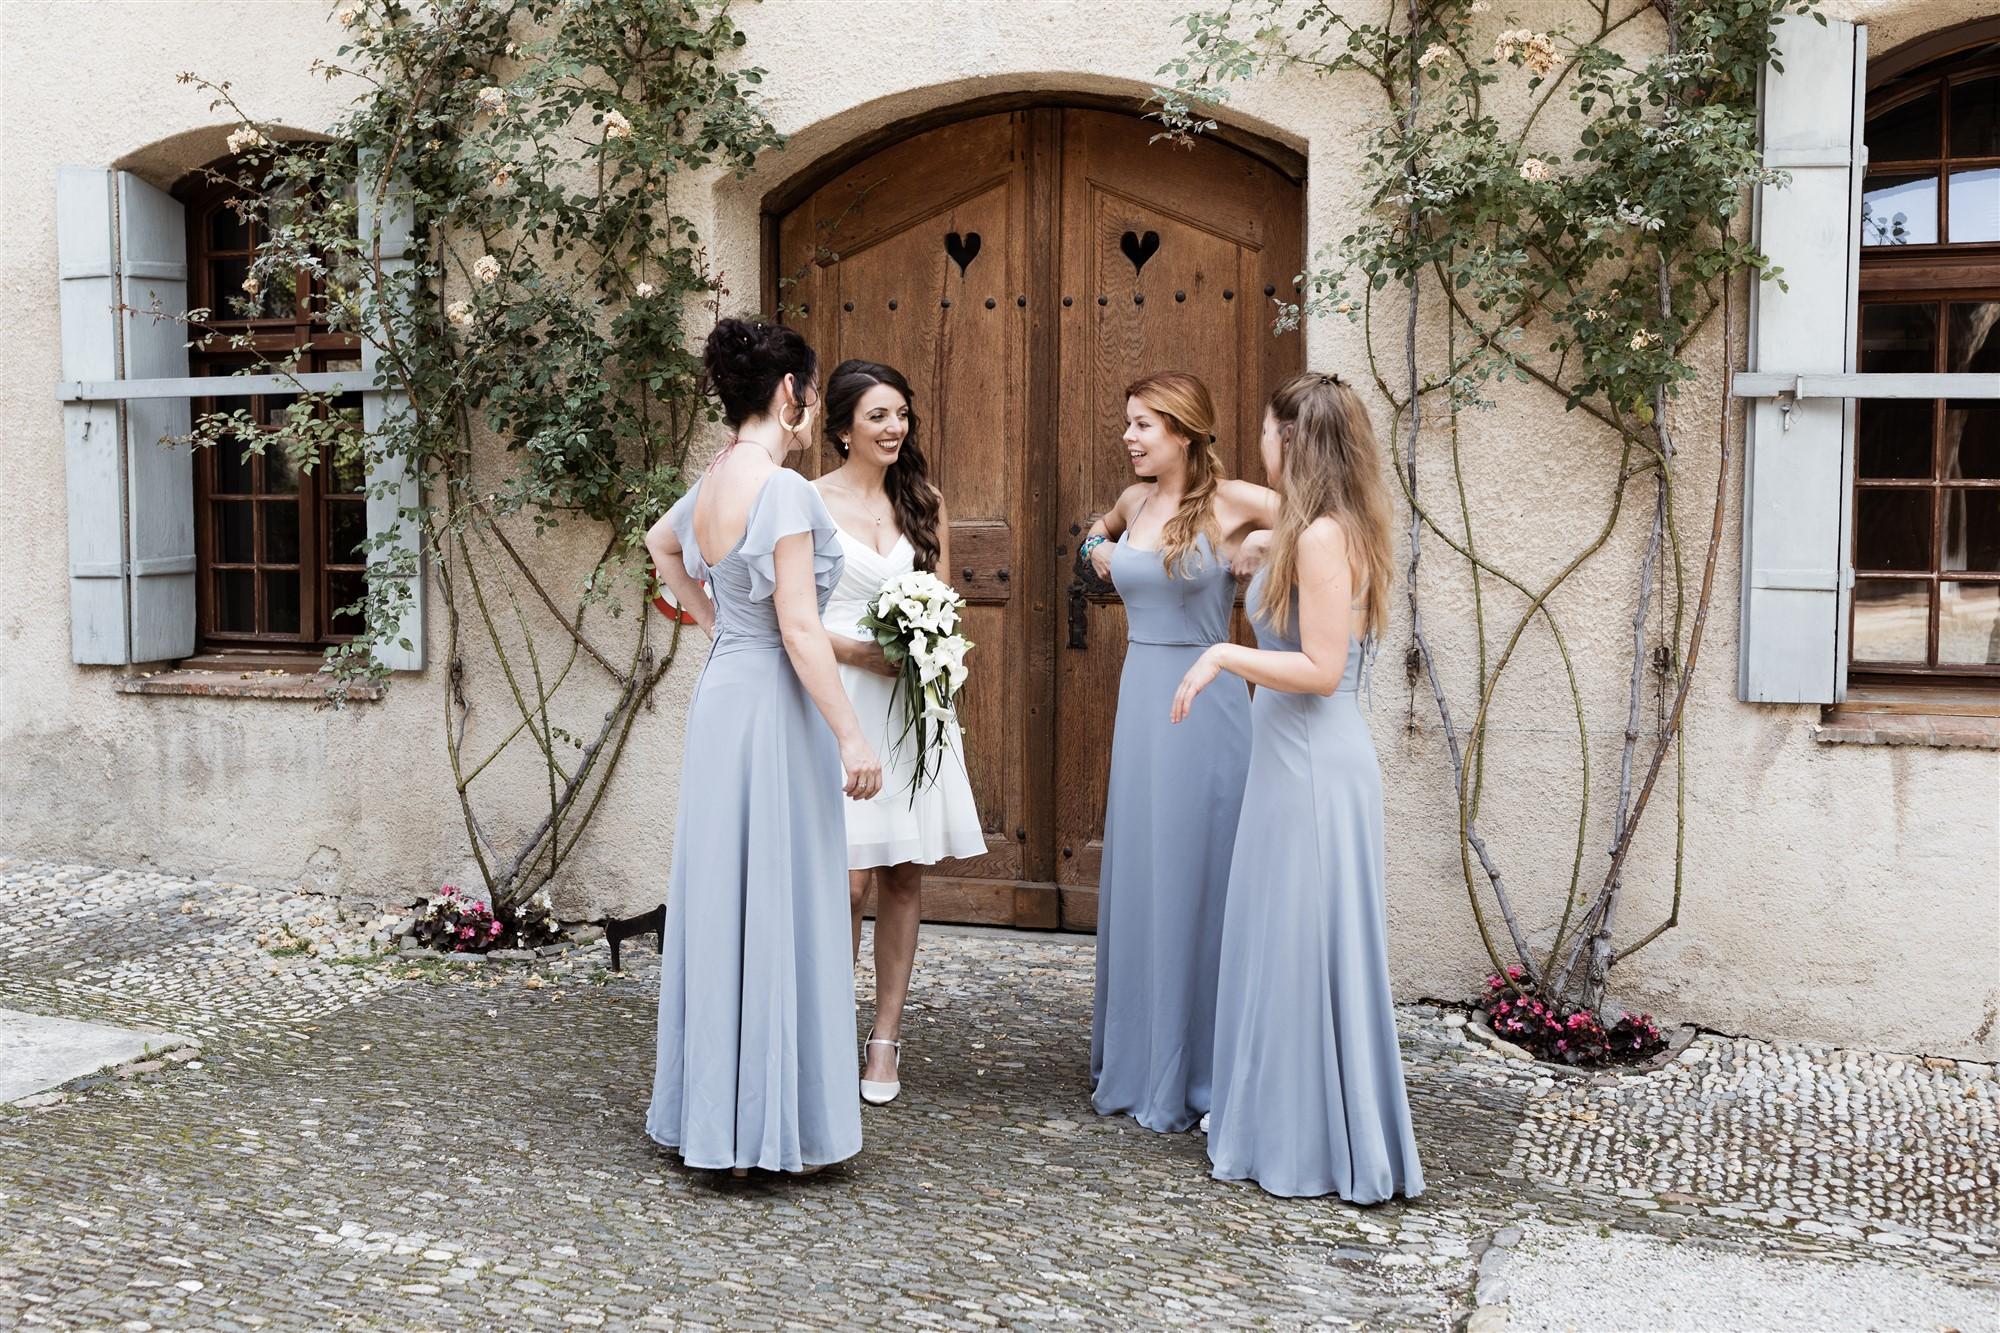 Hochzeit Schloss Wildenstein - Die Braut mit ihren Freundinnen